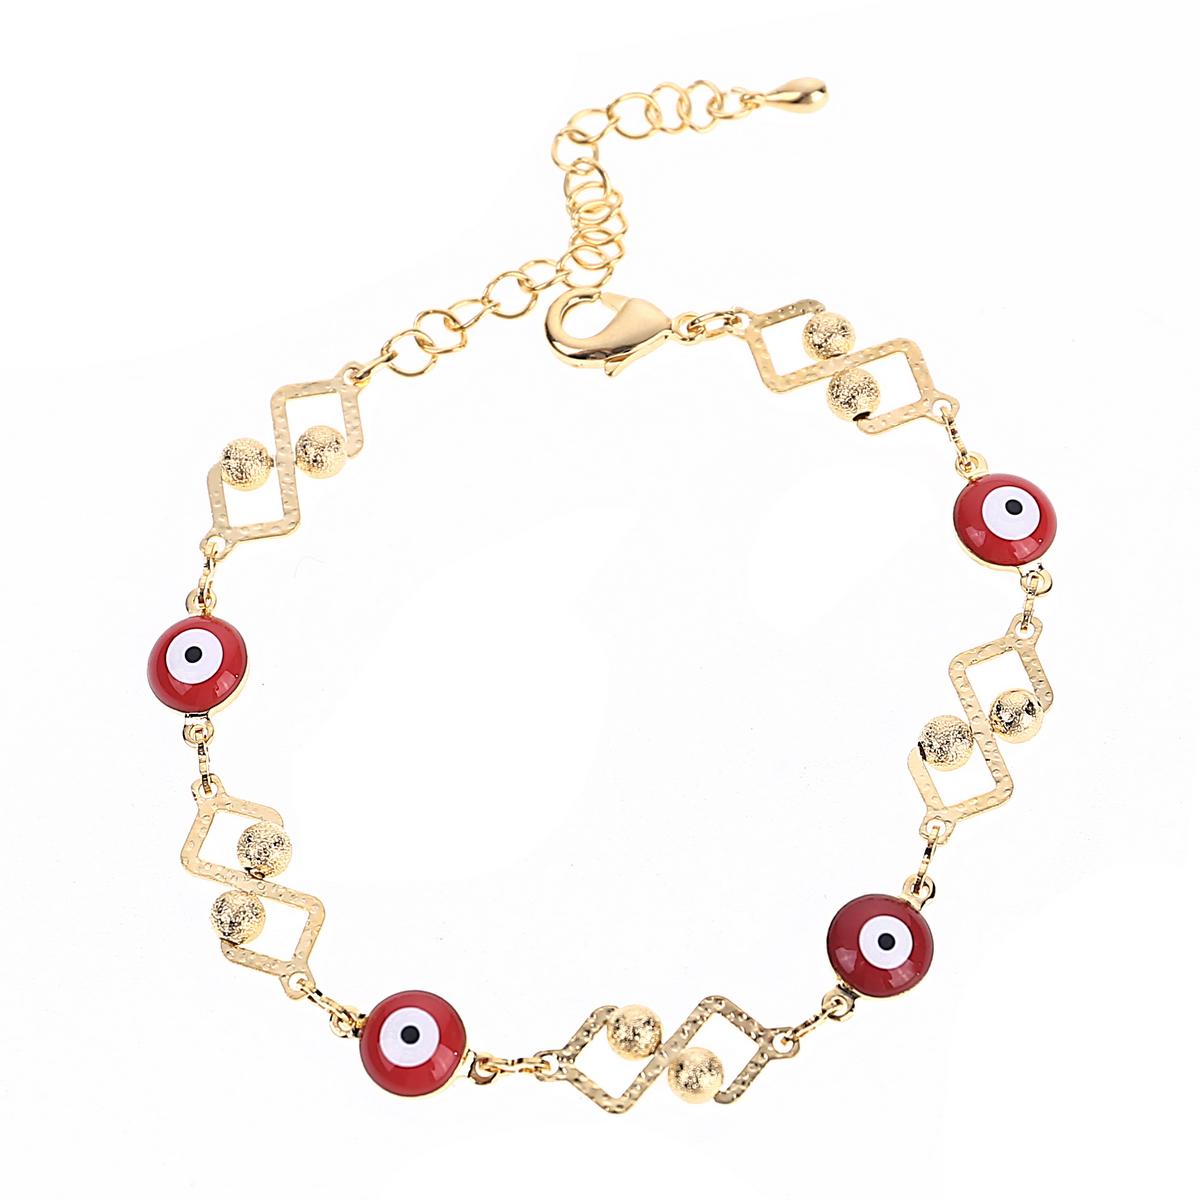 Gshy Collana boh/émien con orecchini eleganti rosa retr/ò dorato lunga catena etnica per donna decorazione gioielli